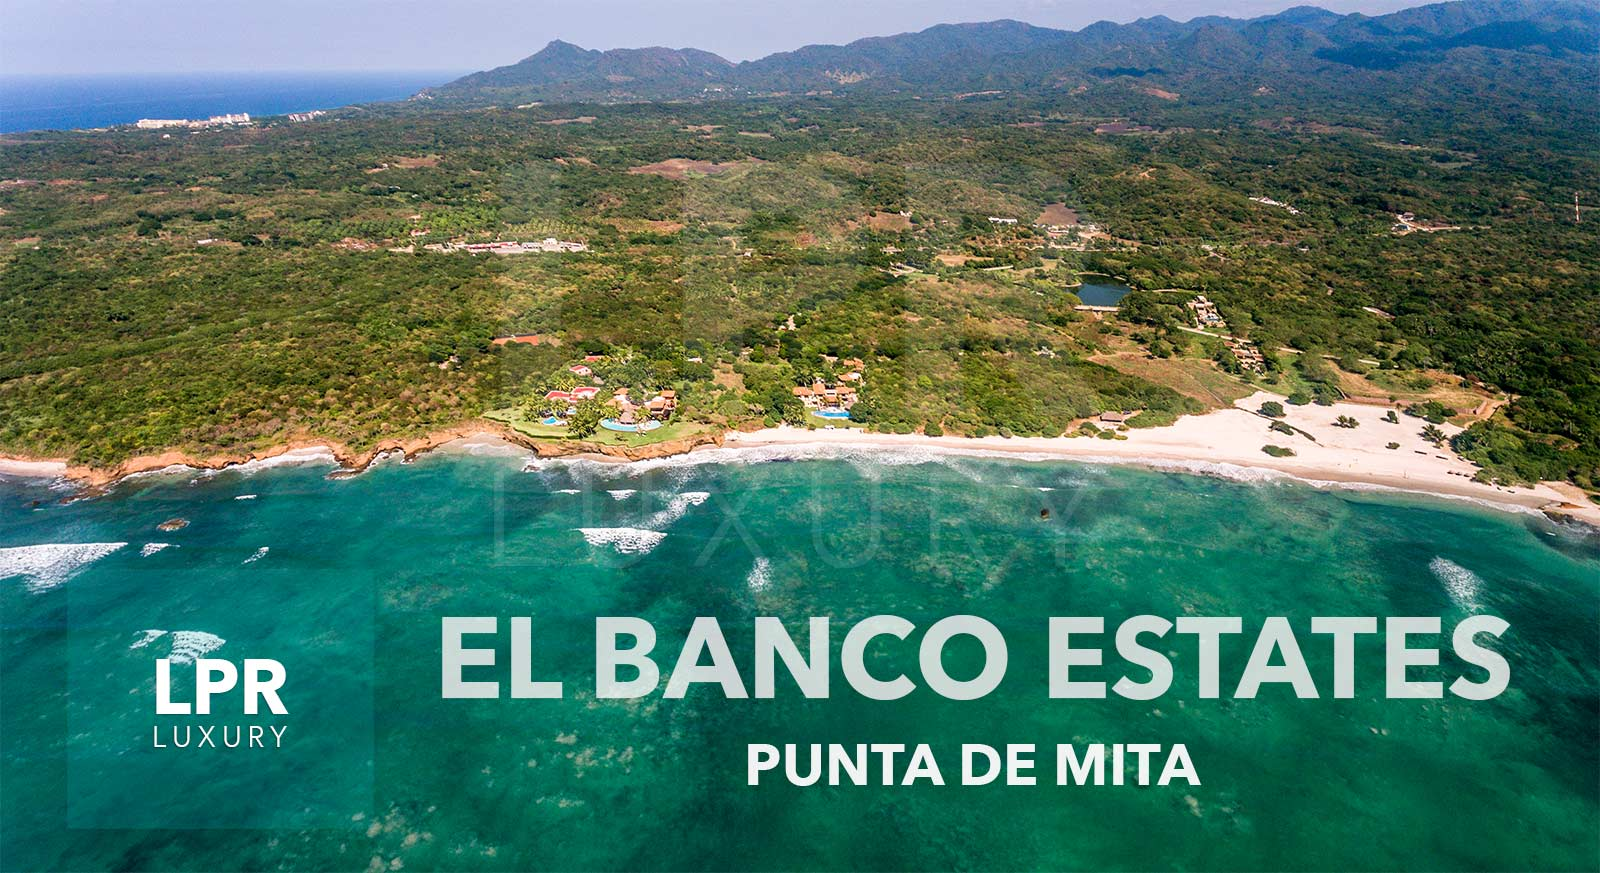 El Banco Estates Ultra Luxury estates at Punta de Mita, Riviera Nayarit, Mexico